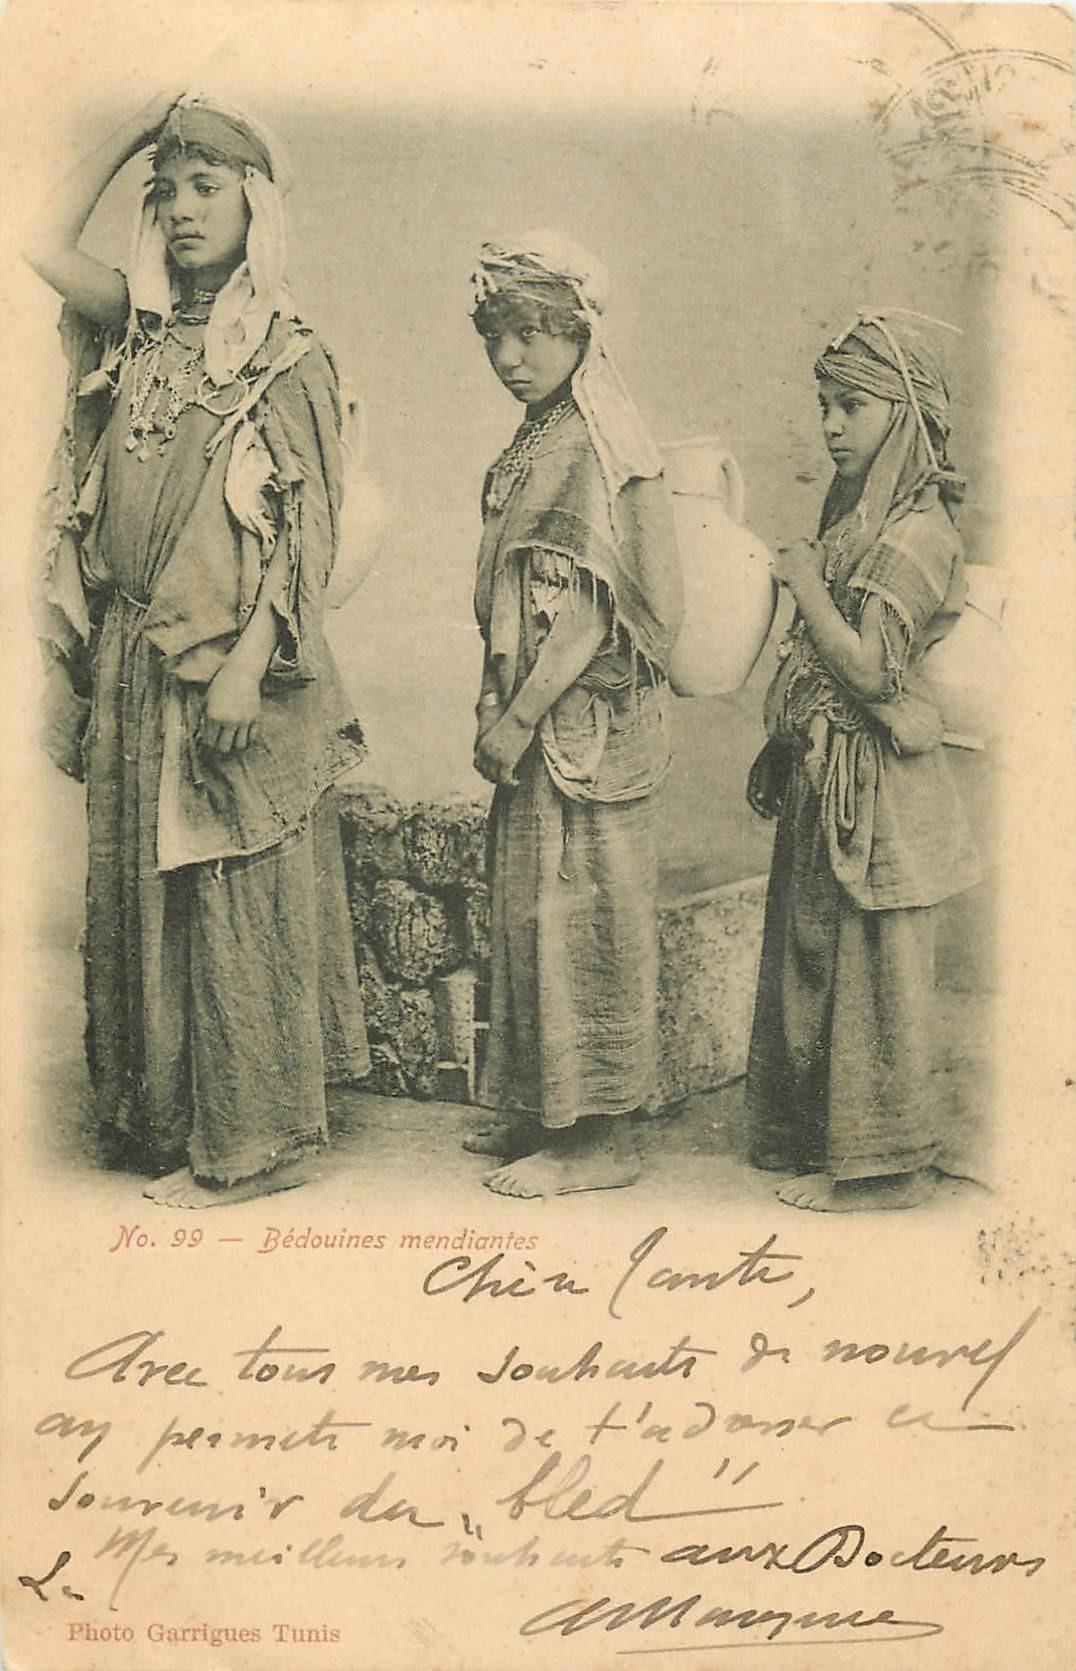 WW TUNISIE. Bédouines mendiantes porteuses d'eau 1901